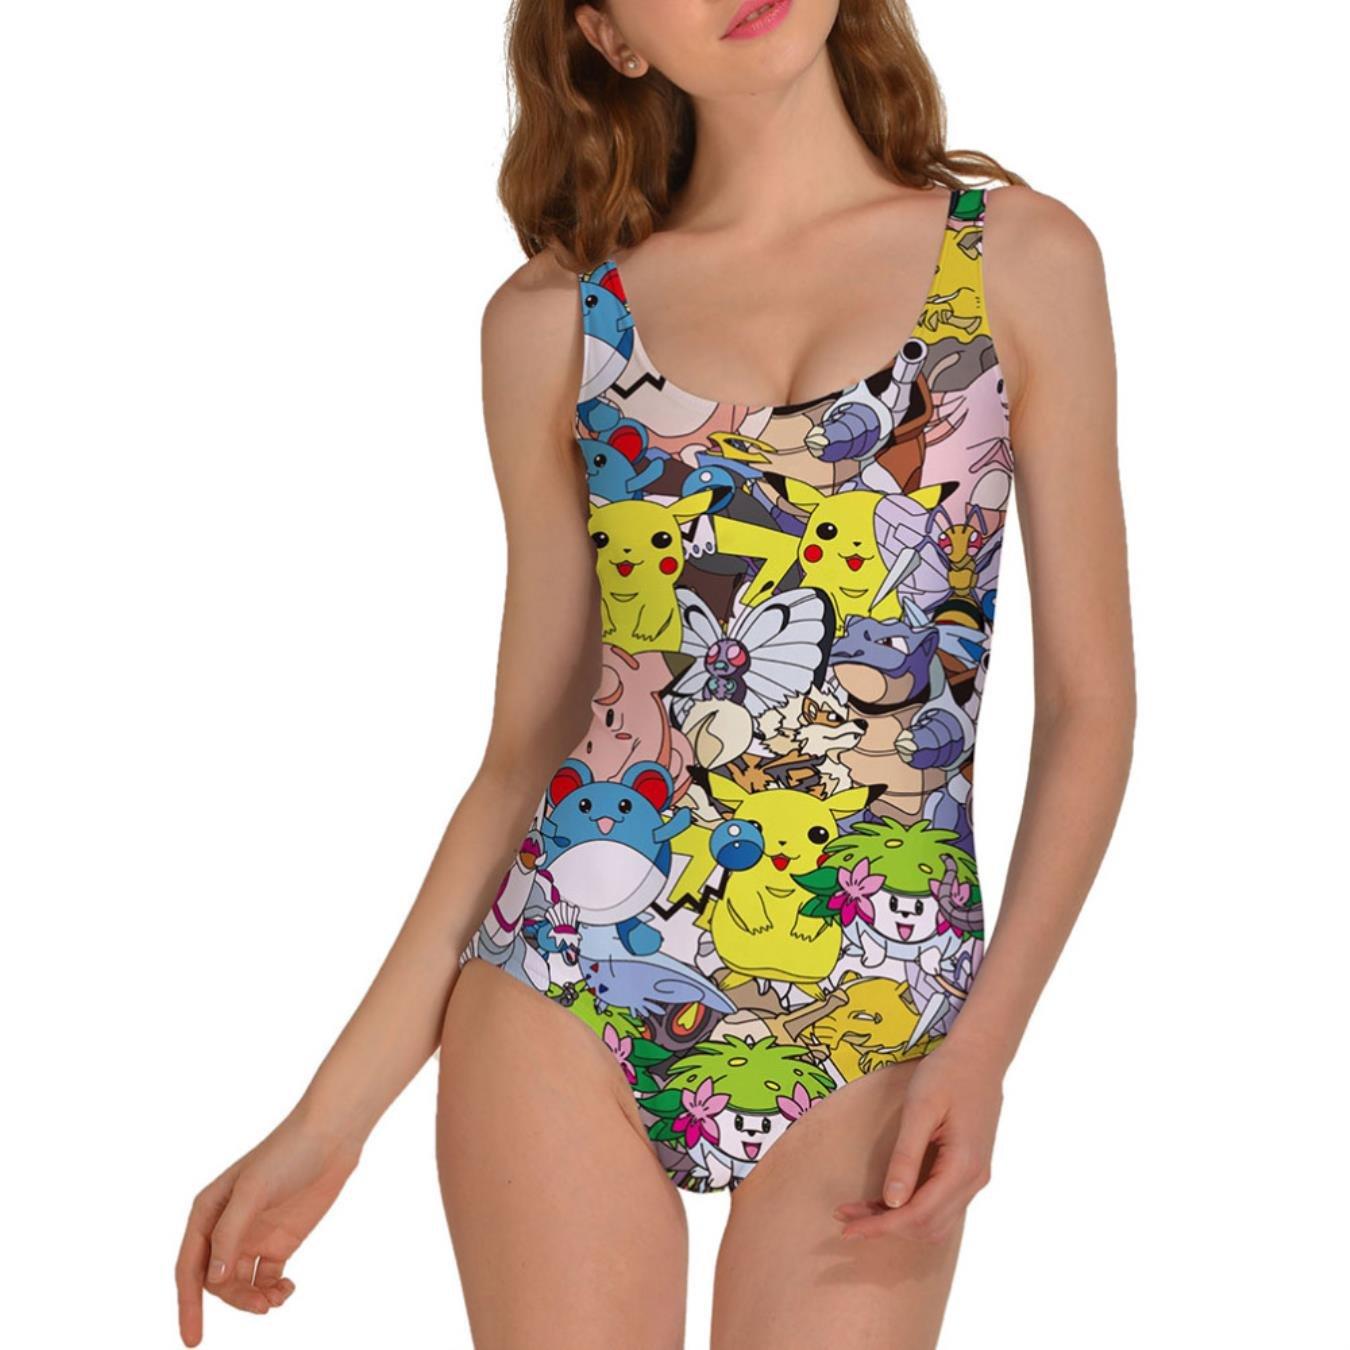 Women New Style Pokemon Print Bodysuit Backless Beach Swimwear Women One Piece Swimsuit